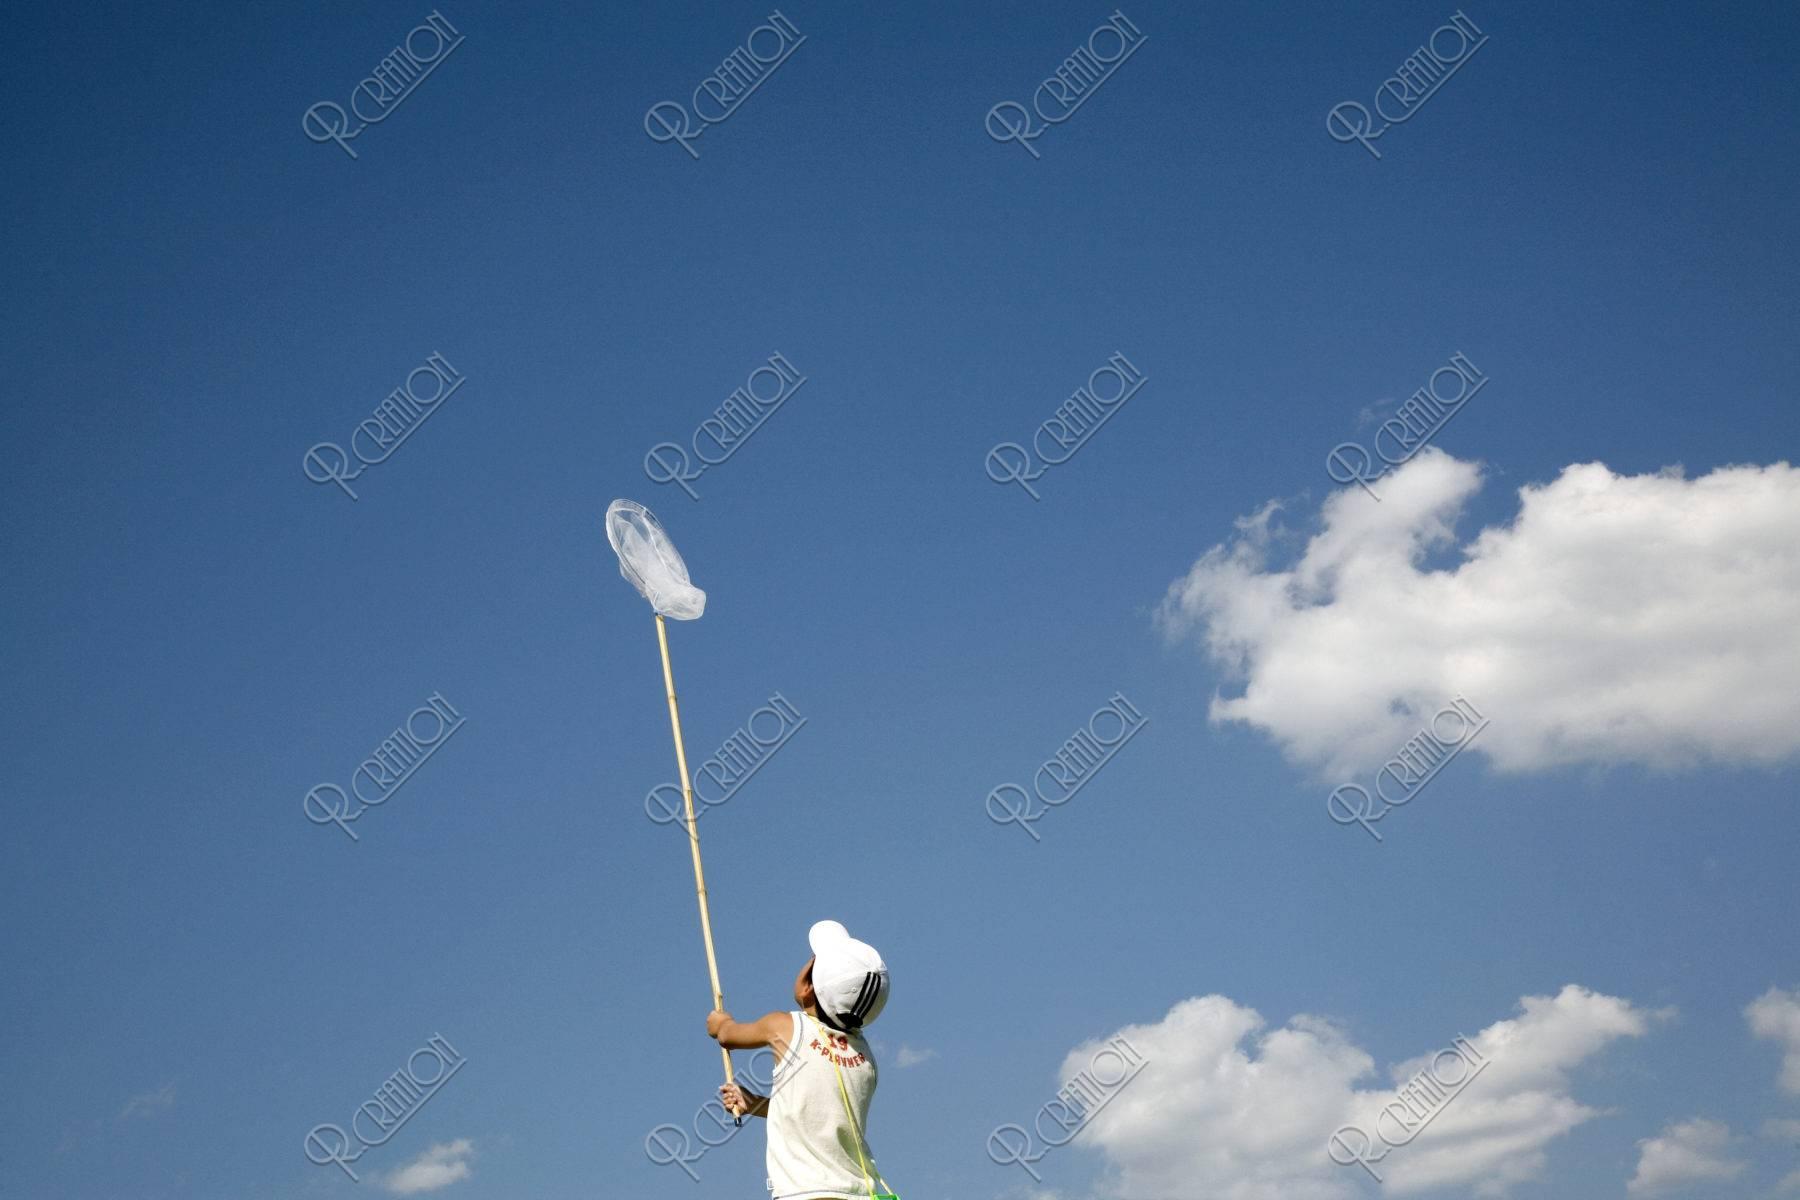 青空と虫取り網を持つ後ろ姿の男の子